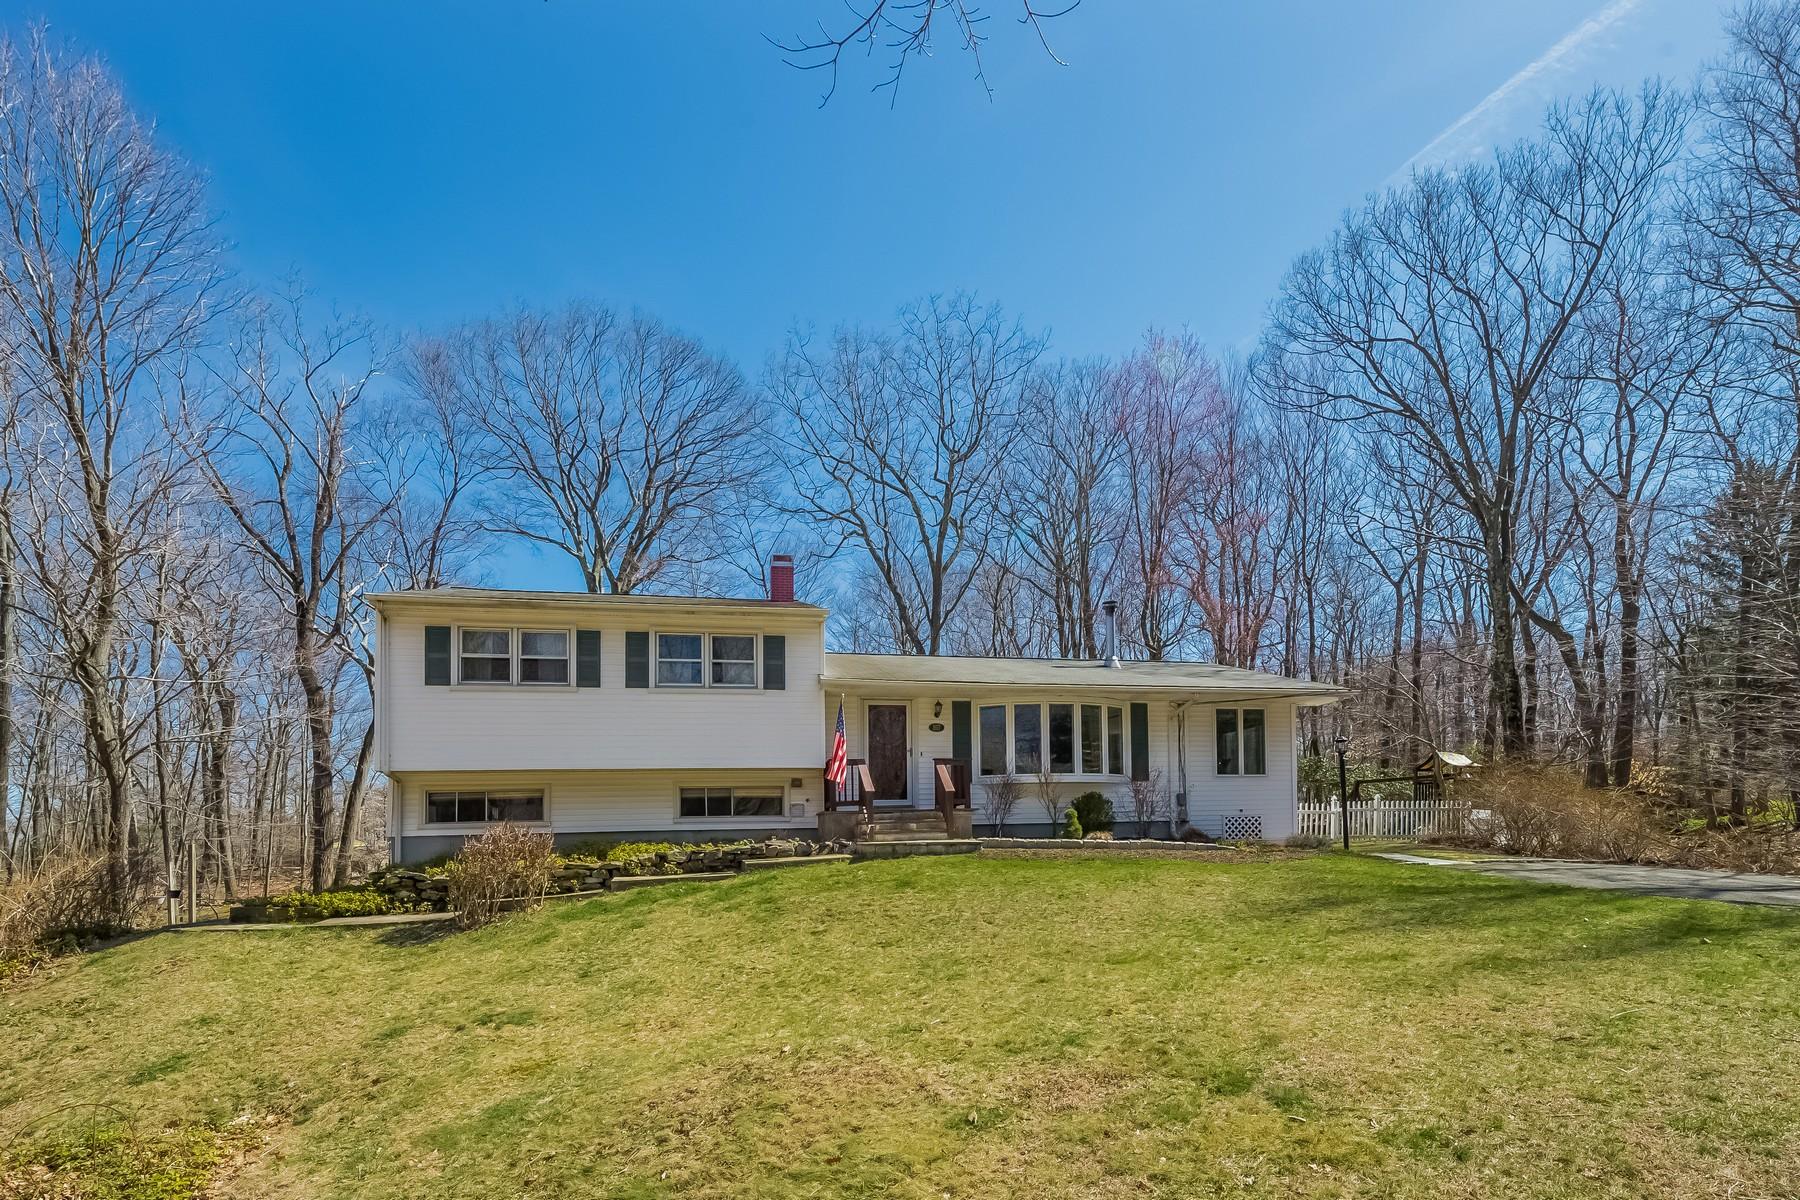 Частный односемейный дом для того Продажа на Stylishly Updated Split 107 Bob Hill Road Ridgefield, Коннектикут, 06877 Соединенные Штаты